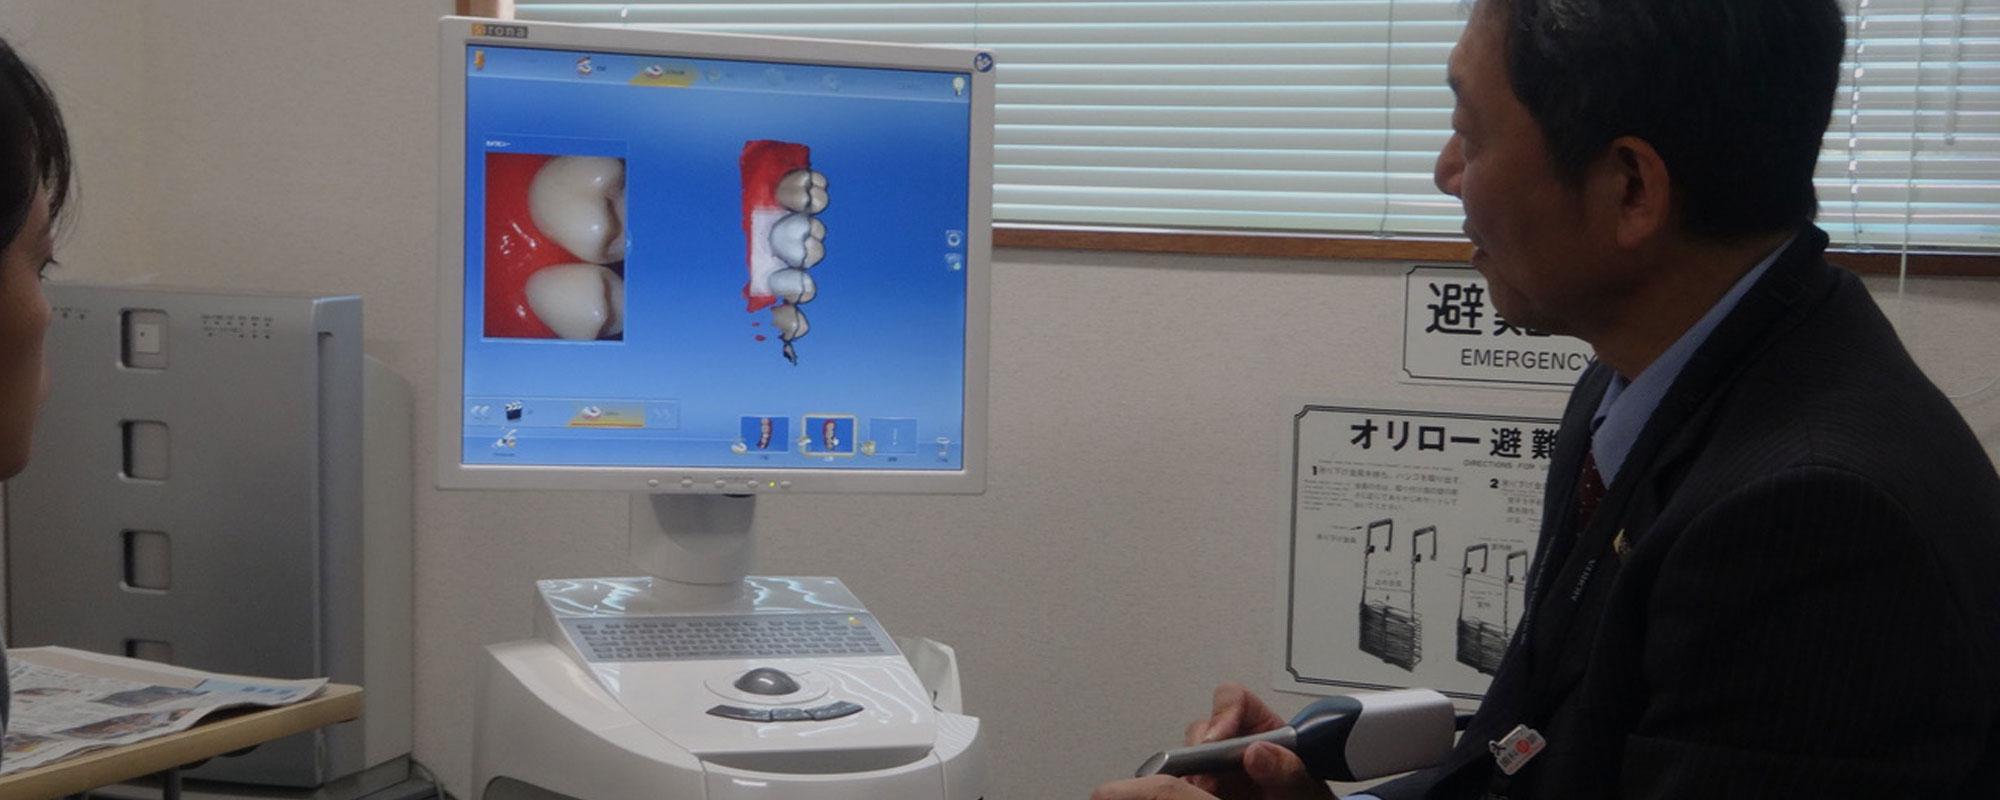 申請により日本口腔インプラント学会の資格(専門医など)取得も可能です